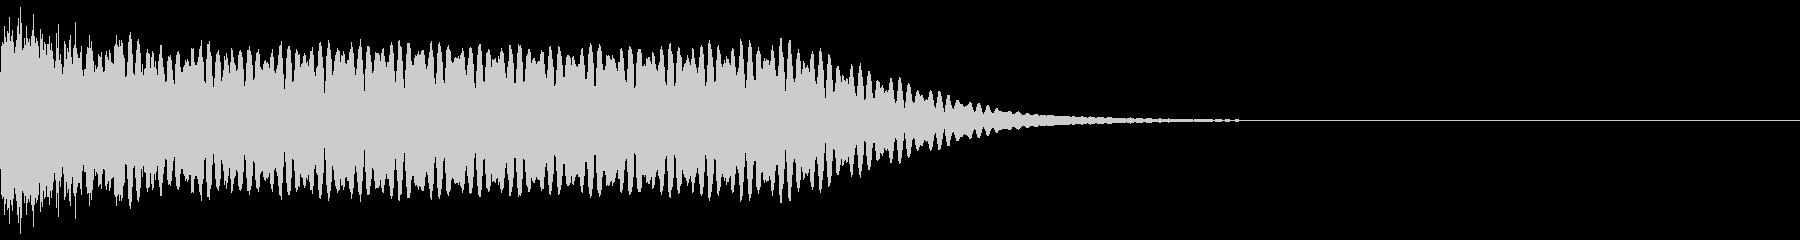 キュイン ボタン ピキーン キーン 23の未再生の波形